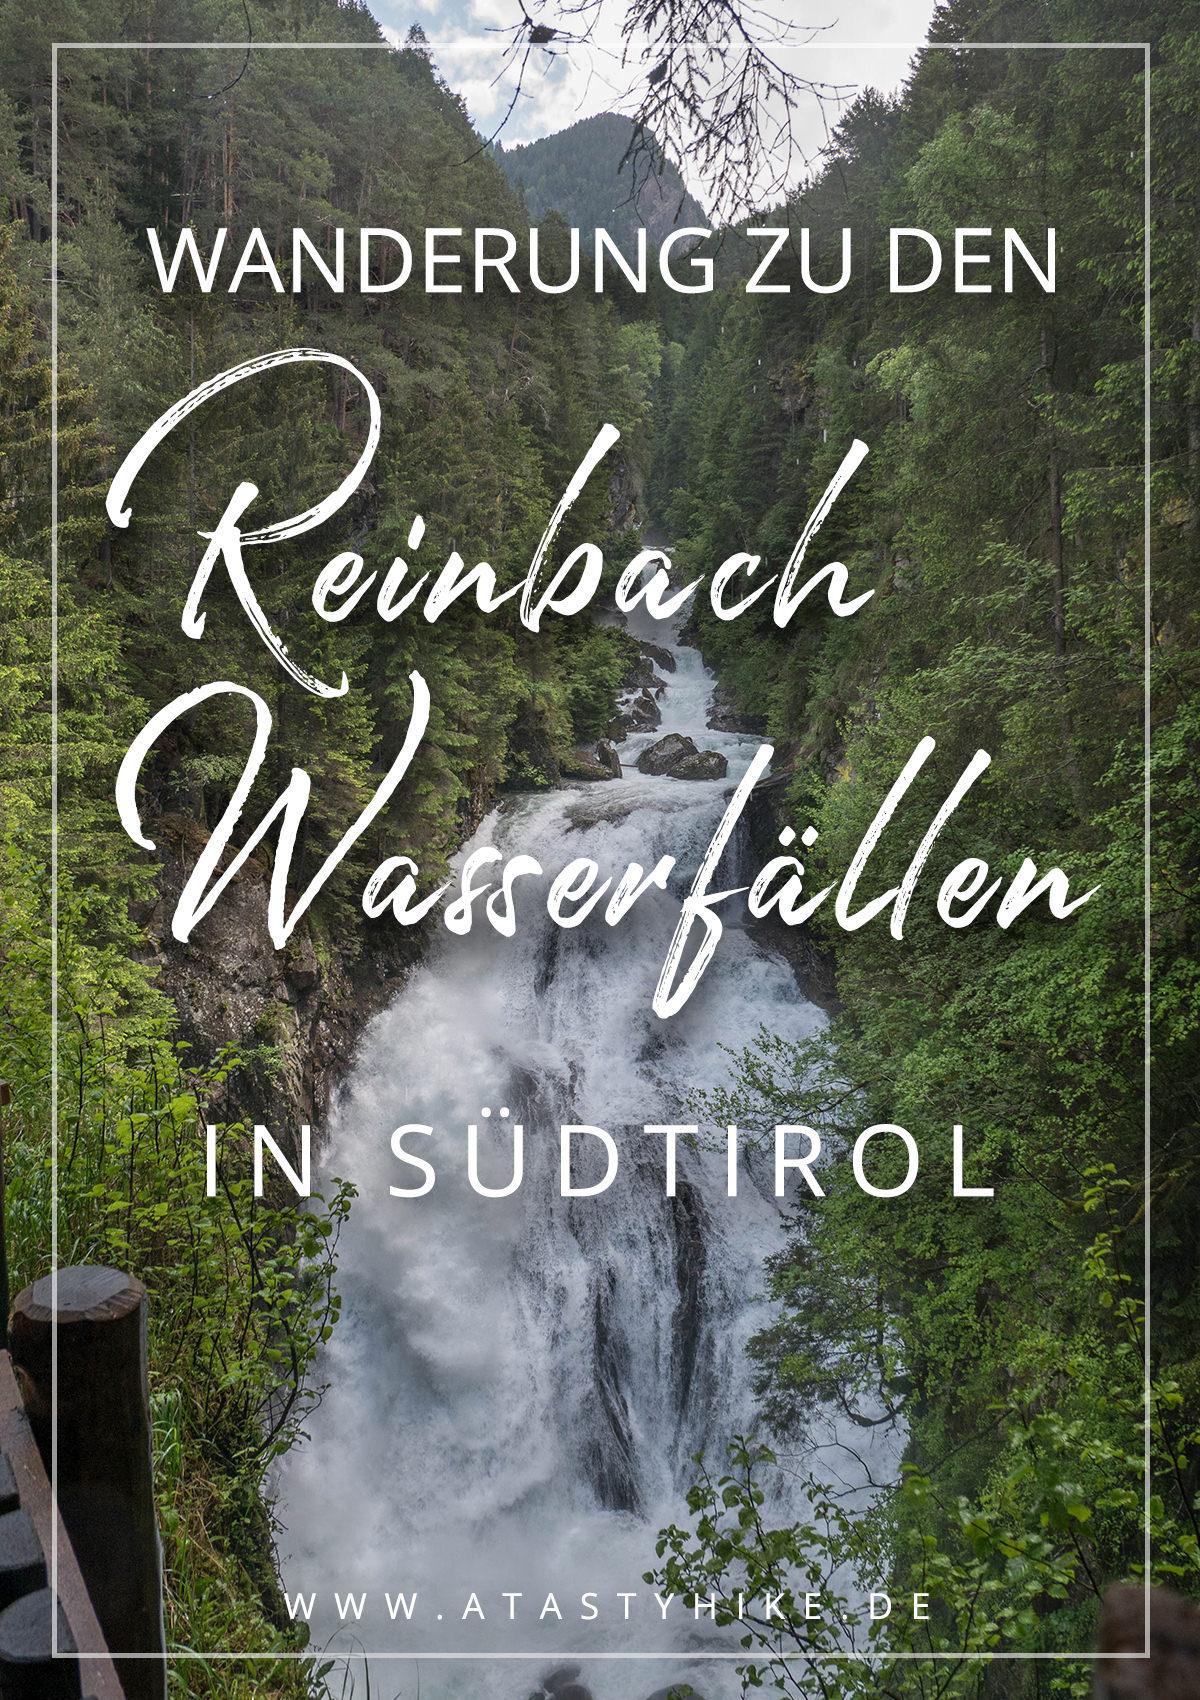 Reinbachfälle in Sand in Taufers in Südtirol - Tolle Wanderung zu den Reinbach Wasserfällen. Perfekt für Genusswanderer und Wanderanfänger! Wandern am Wasser! #Wandern #Wanderung #Südtirol